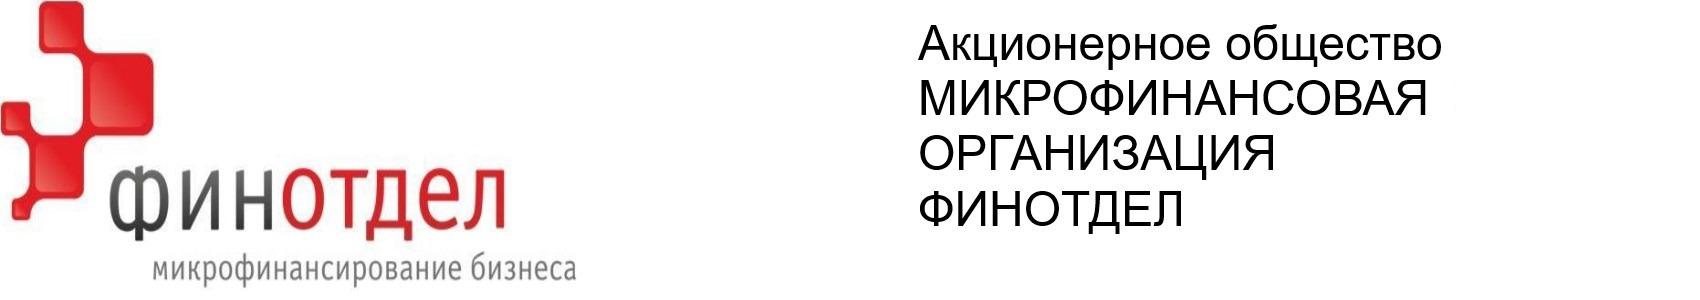 Финотдел